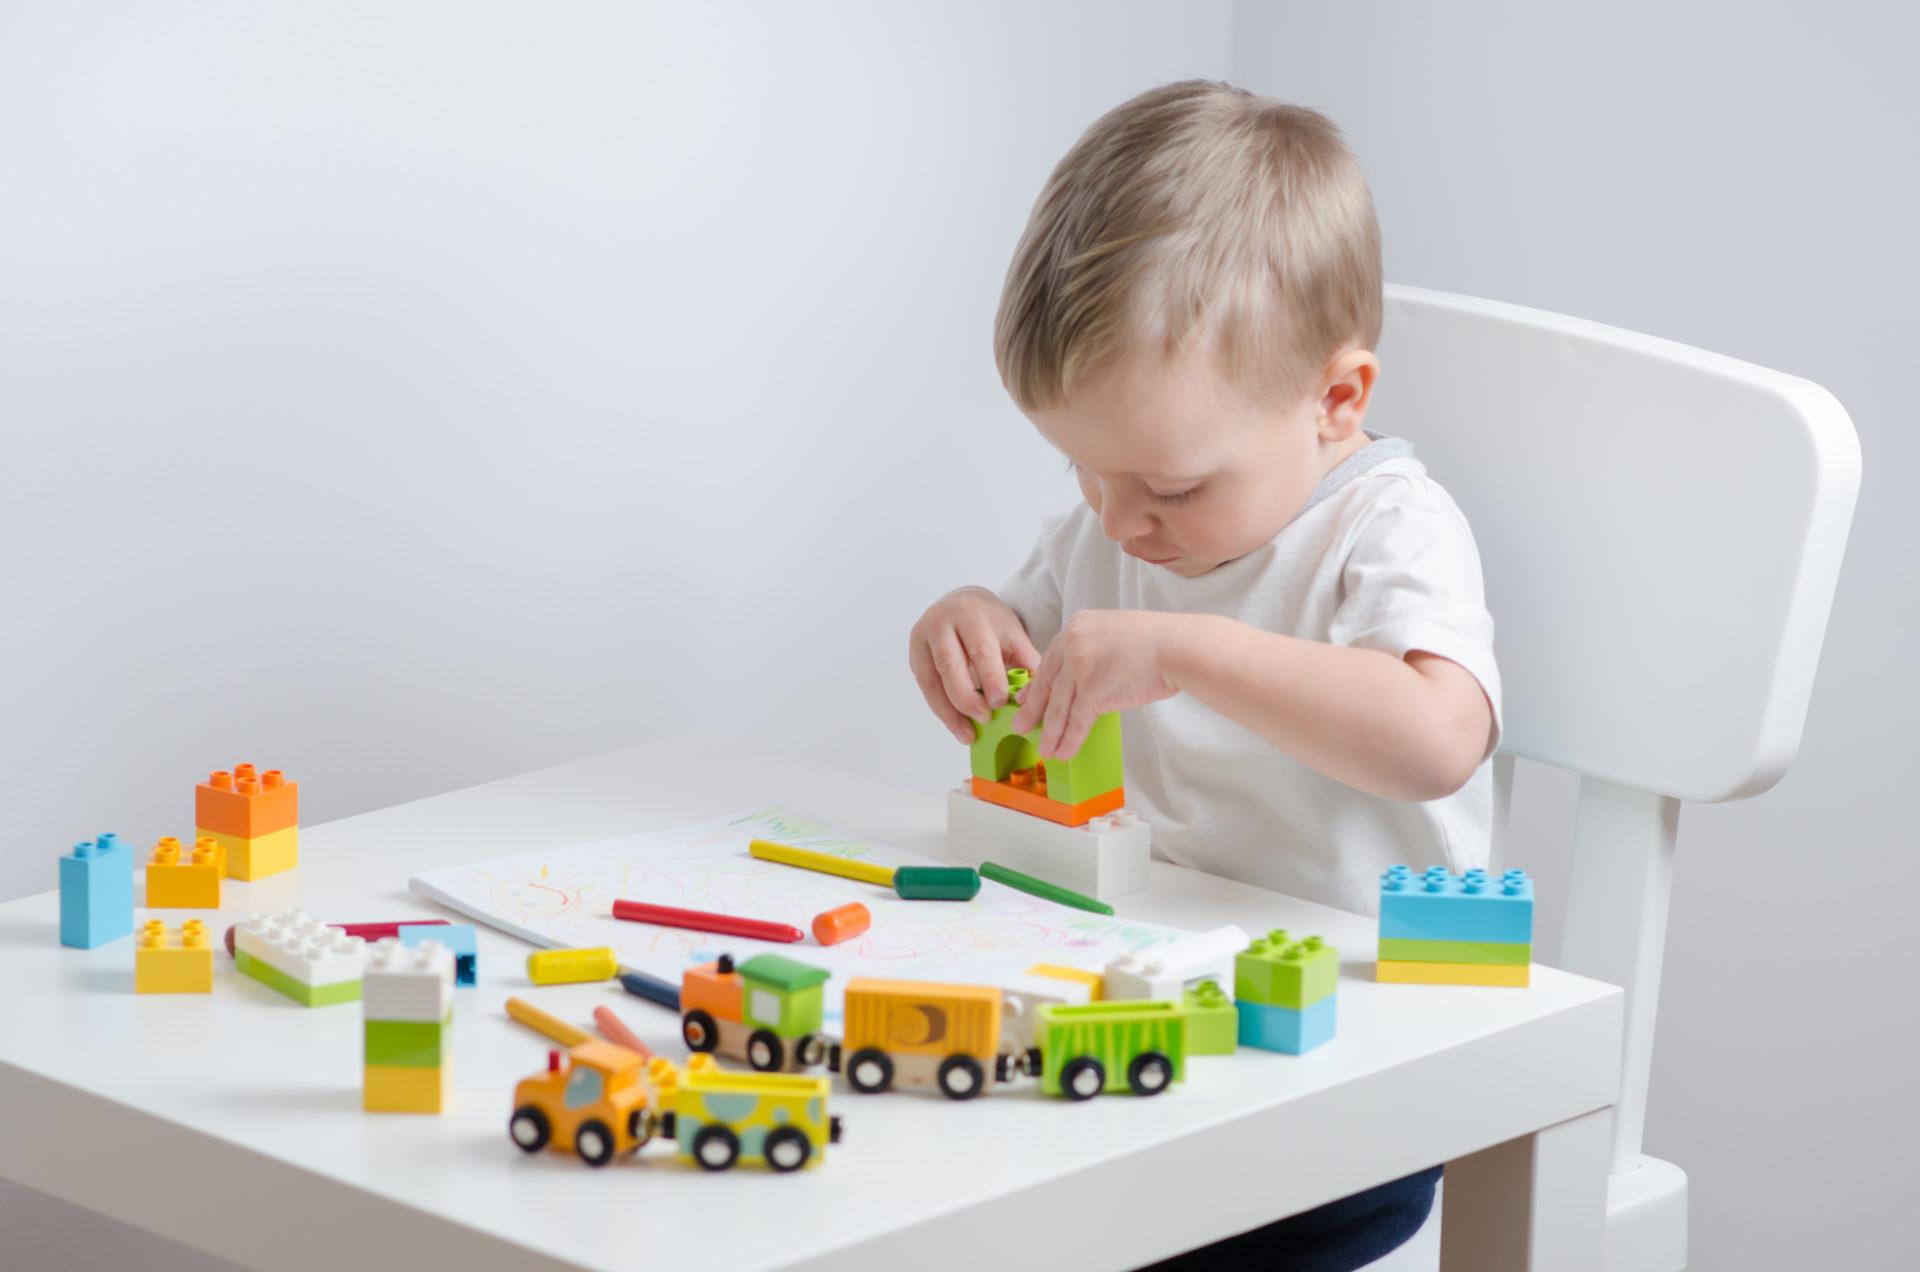 Motricité Jeux Et Jouets, Idées Cadeaux Pour Enfant De 12 tout Activités Éducatives Pour Les 0 2 Ans